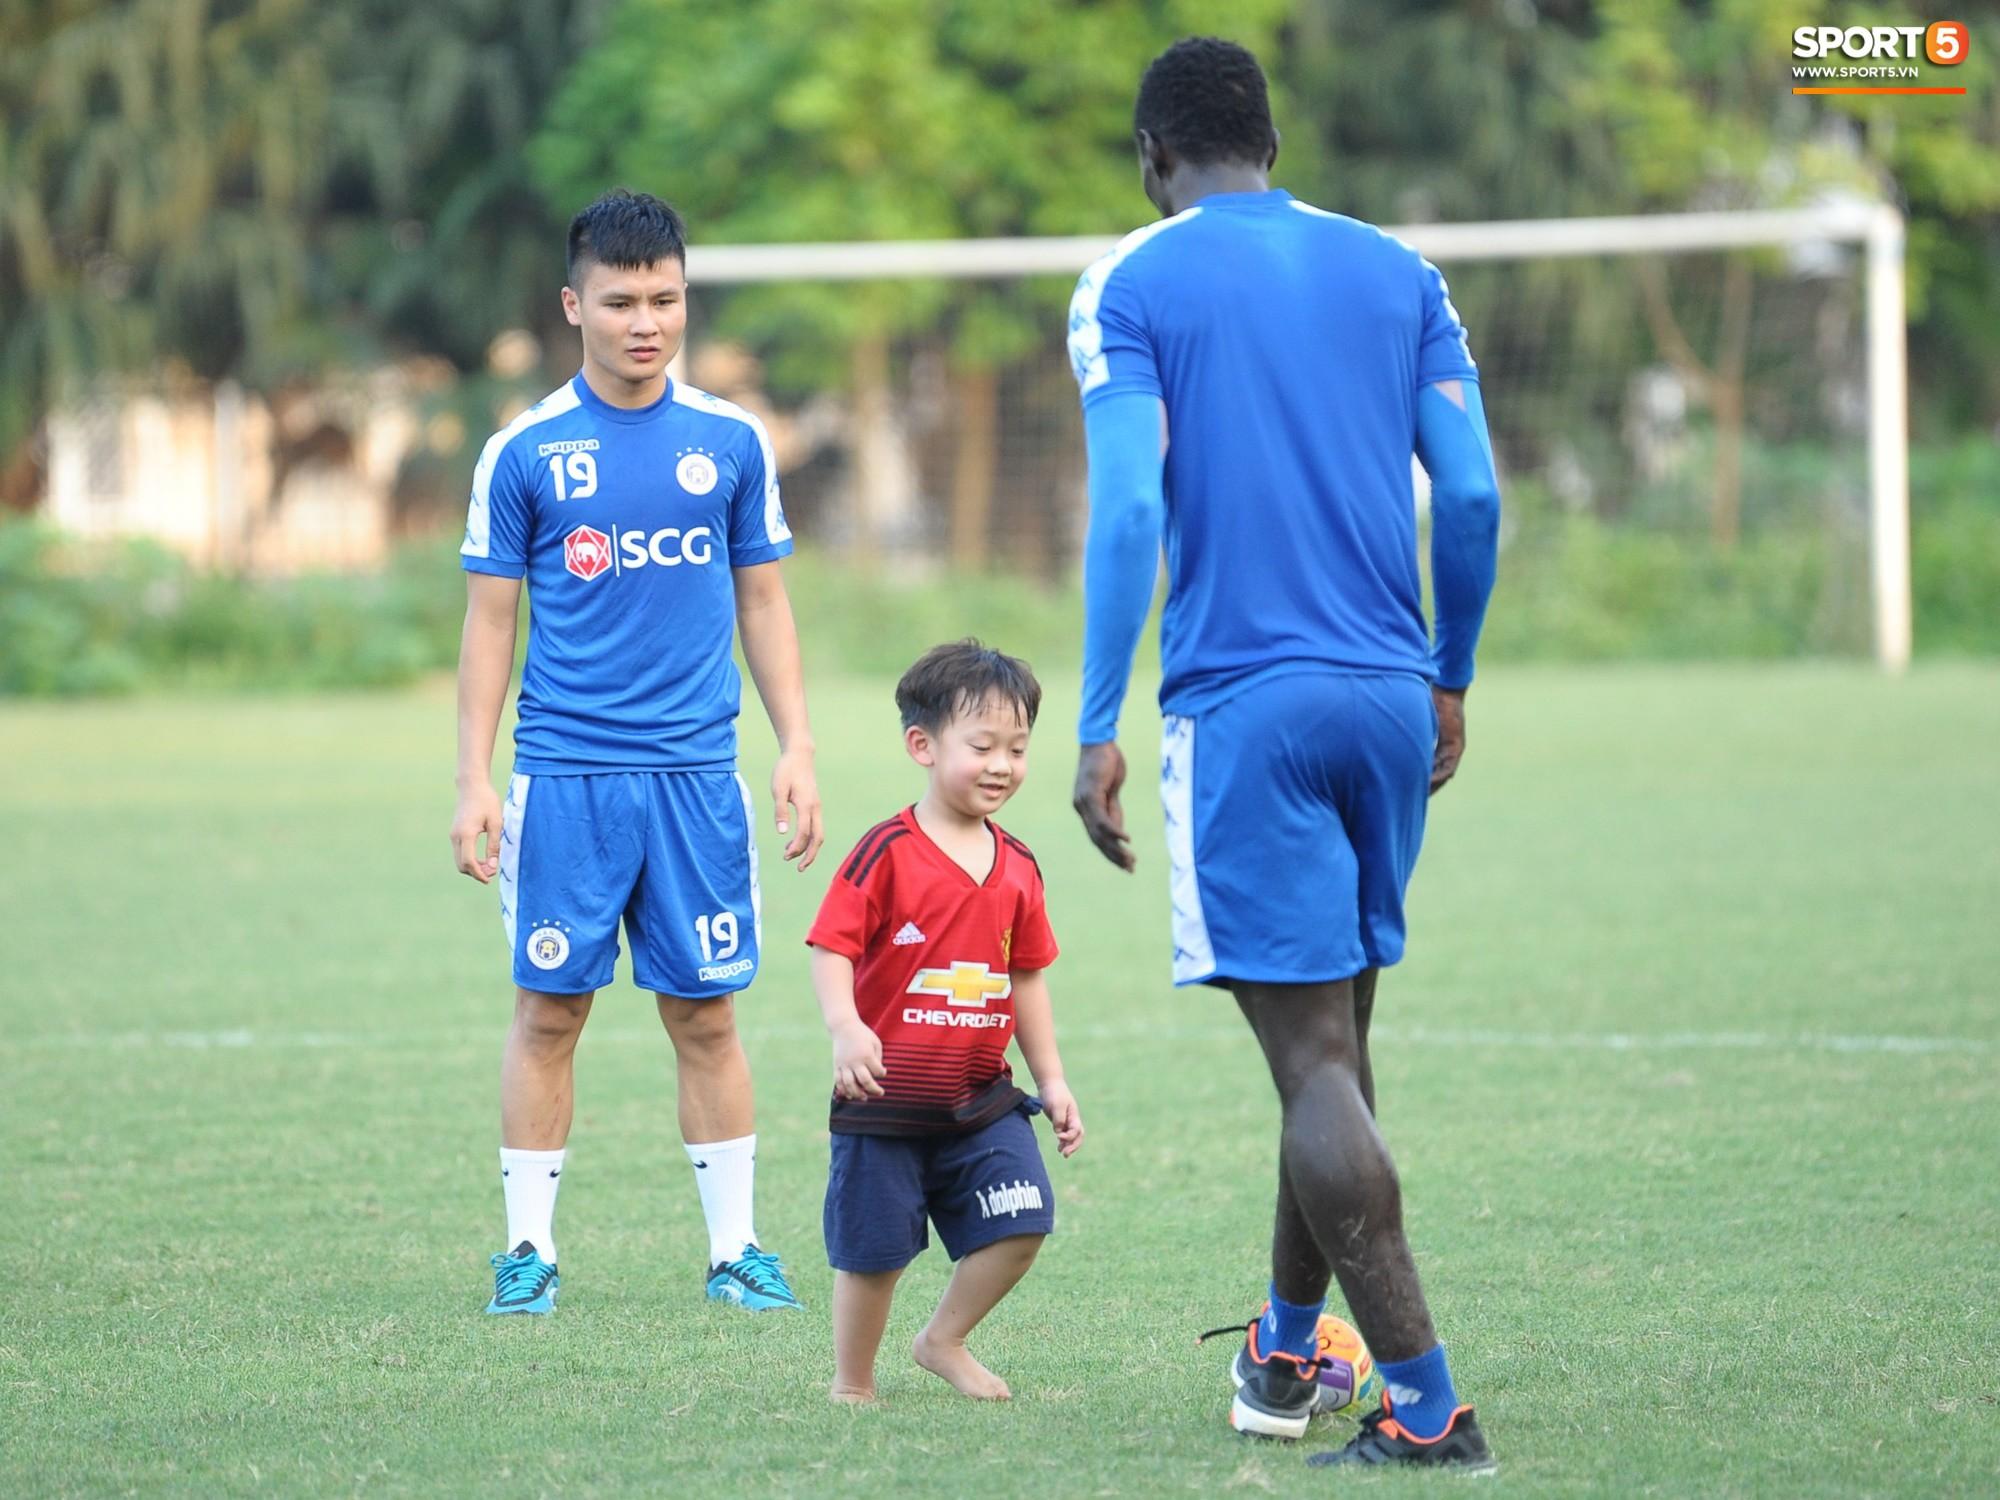 Hành động thể hiện sự tỉ mỉ, chu đáo của Bùi Tiến Dũng đối với các đồng đội Hà Nội FC - Ảnh 14.